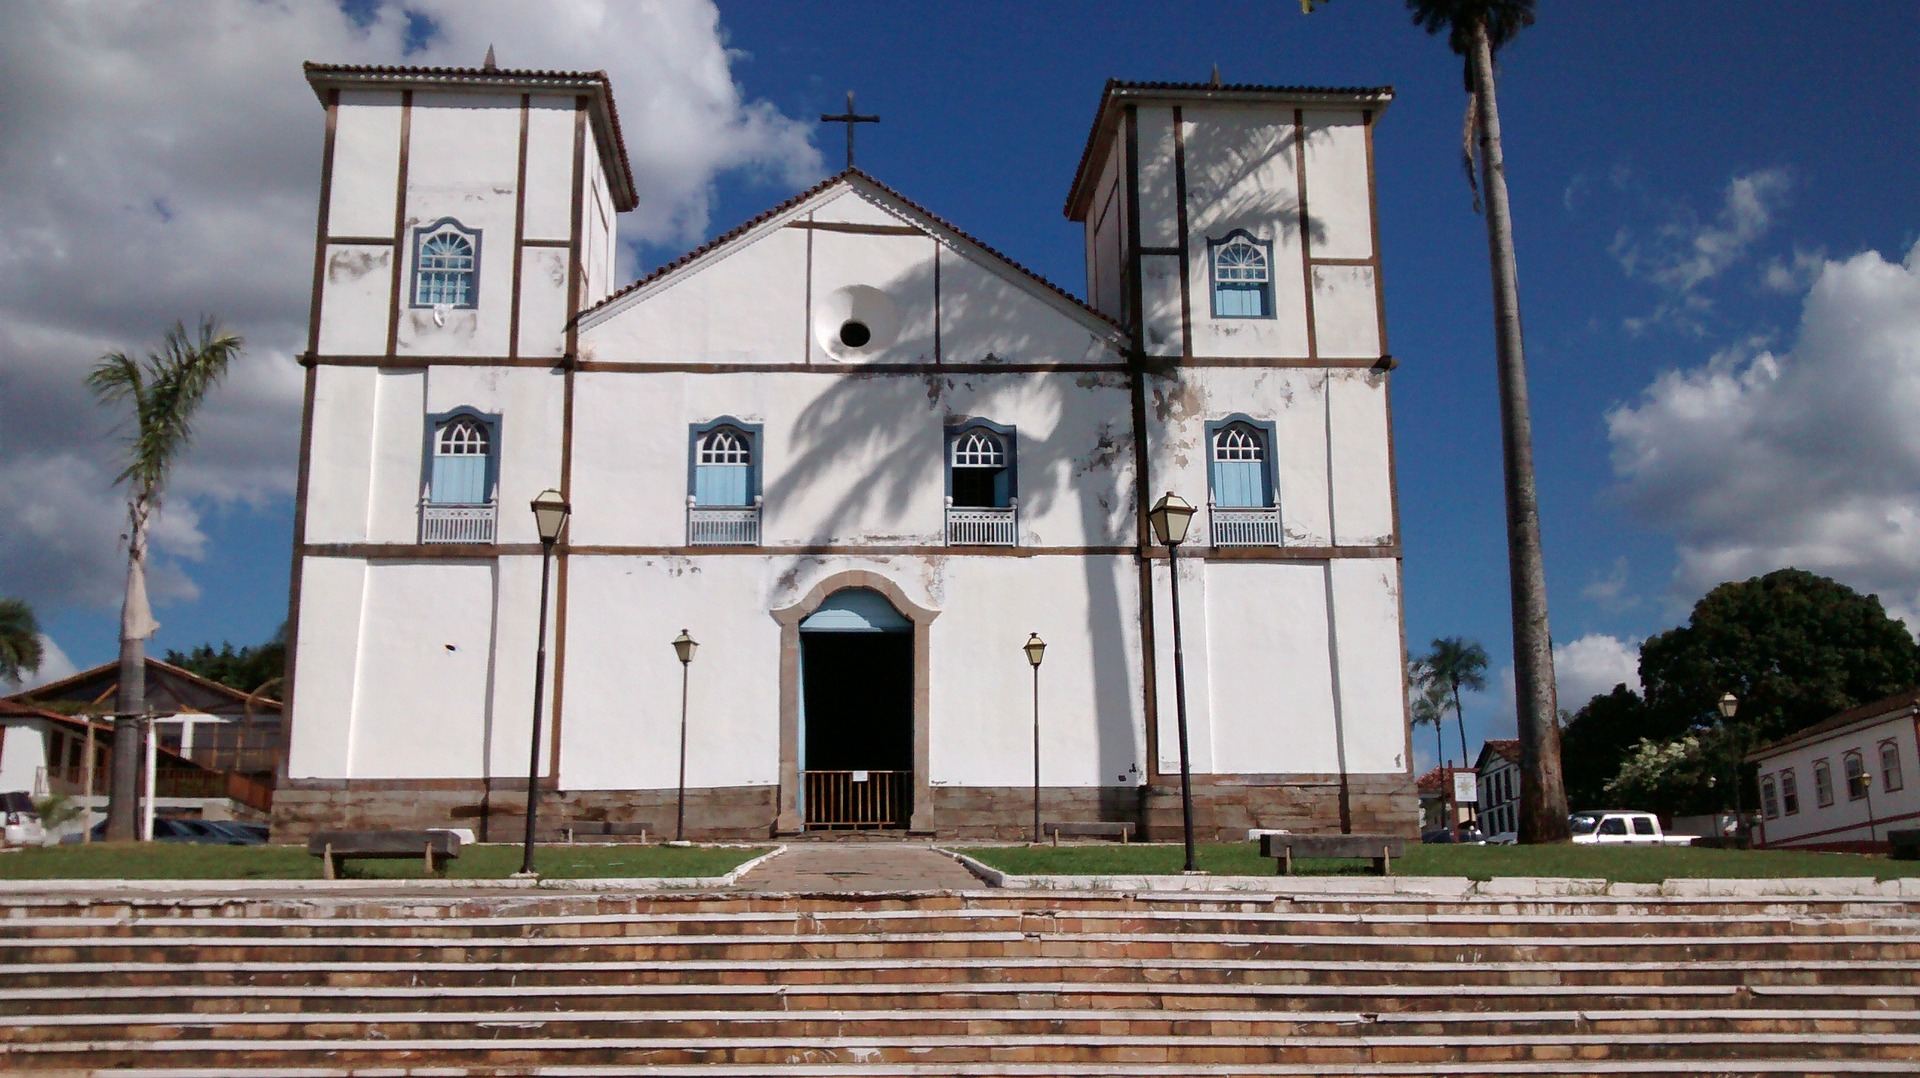 Palmeiras de Goiás - Goiás